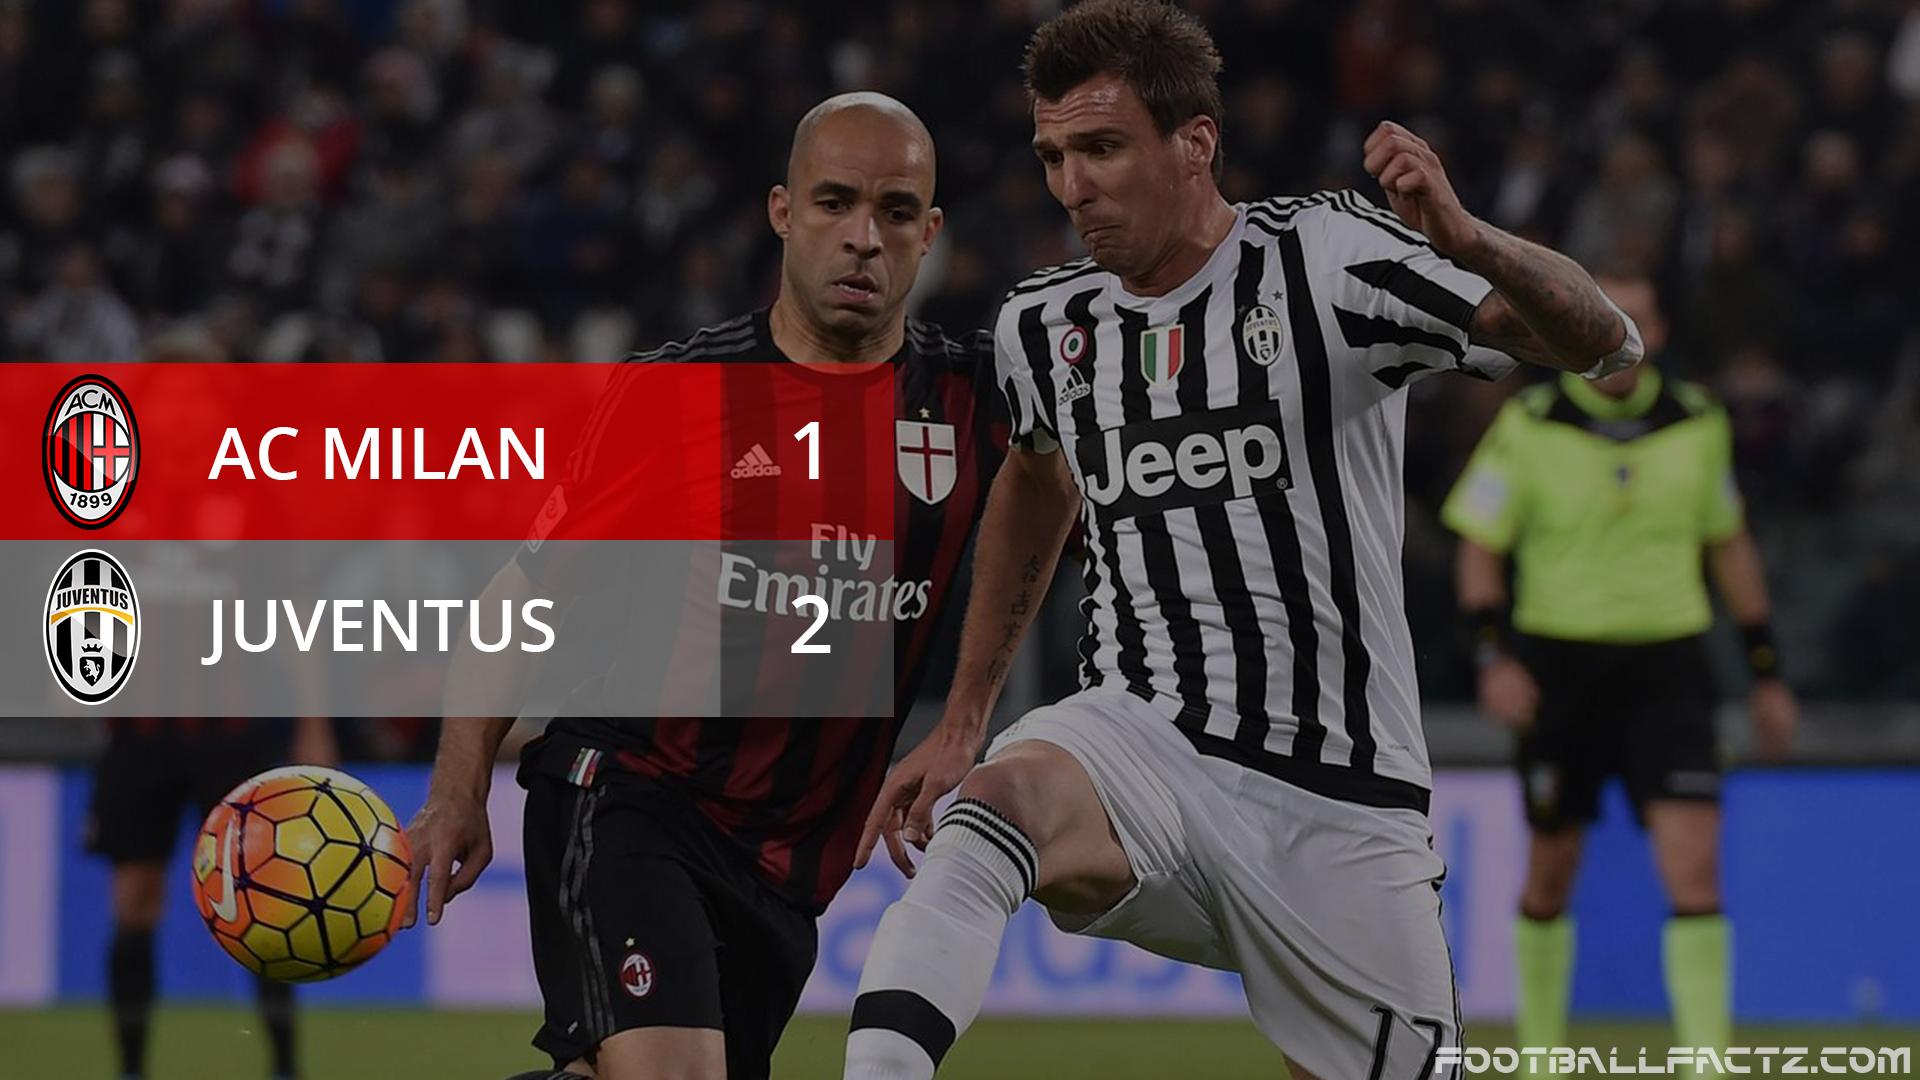 AC Milan 1 - 2 Juventus, Serie A